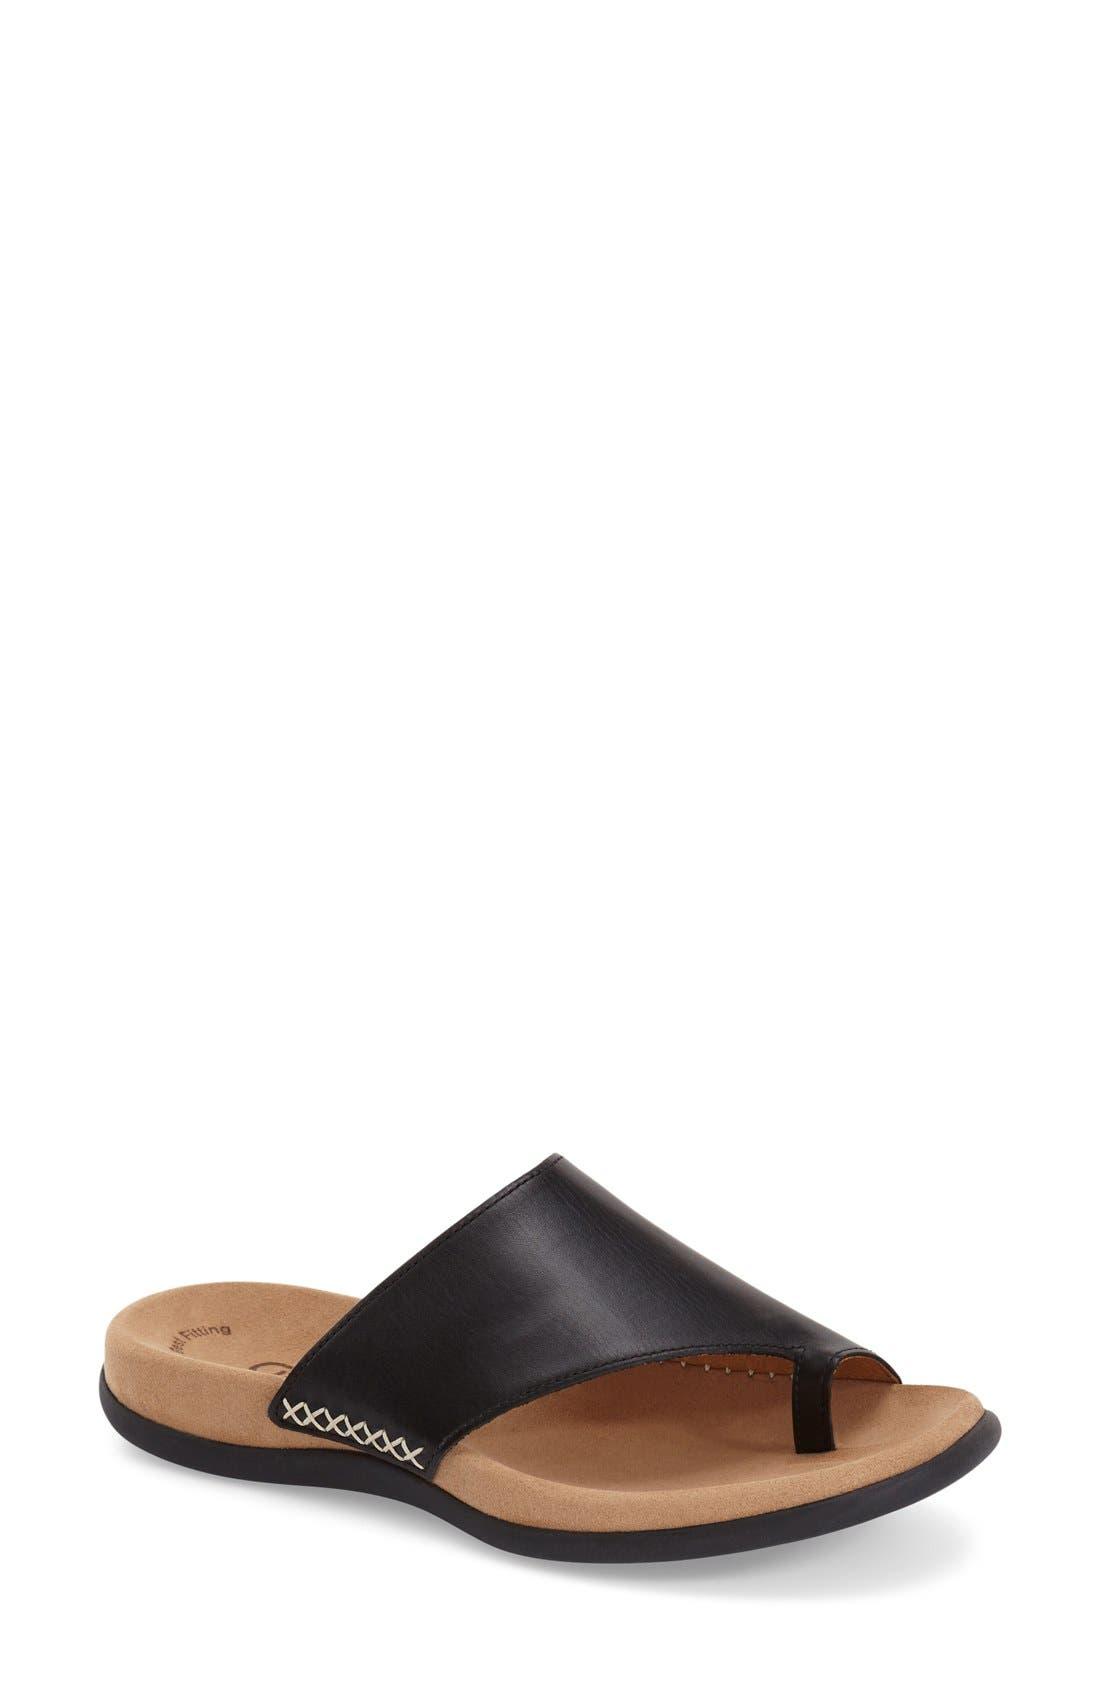 Toe Loop Sandal,                         Main,                         color, Black Nubuck Leather